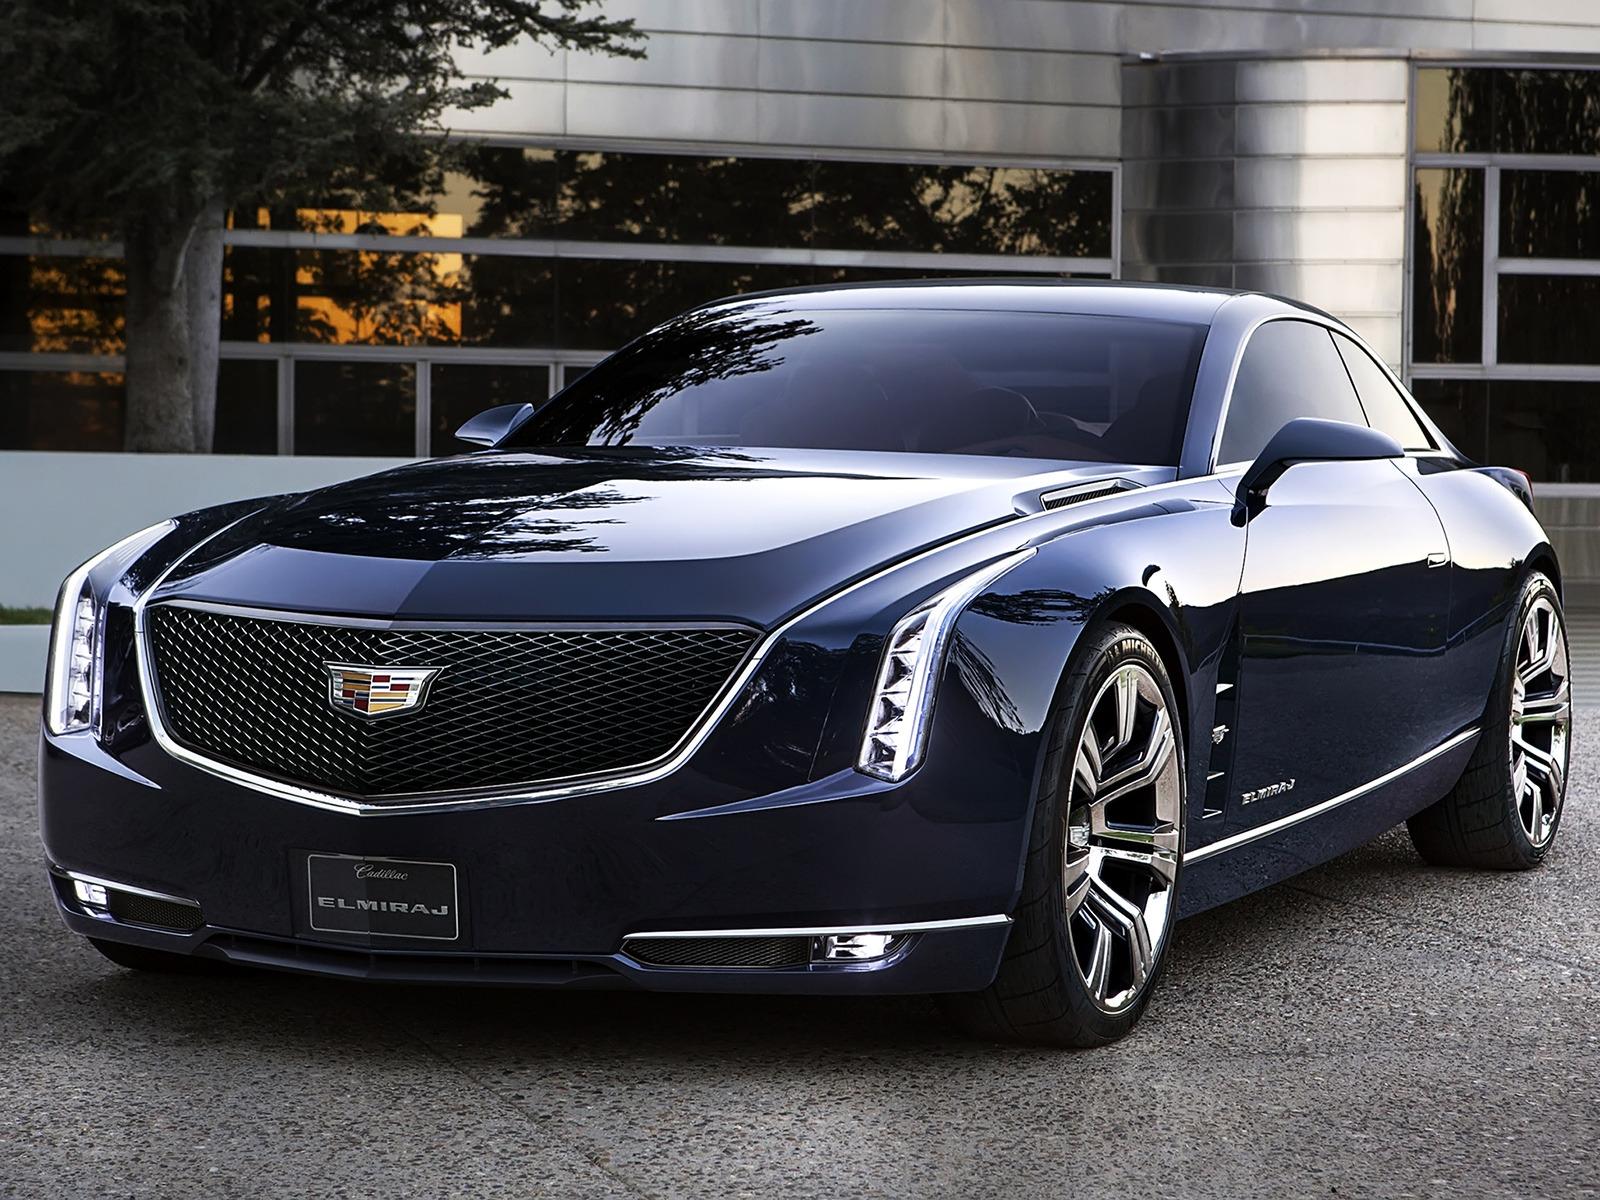 2013 Cadillac Elmiraj Concept 1600 x 1200 Wallpaper